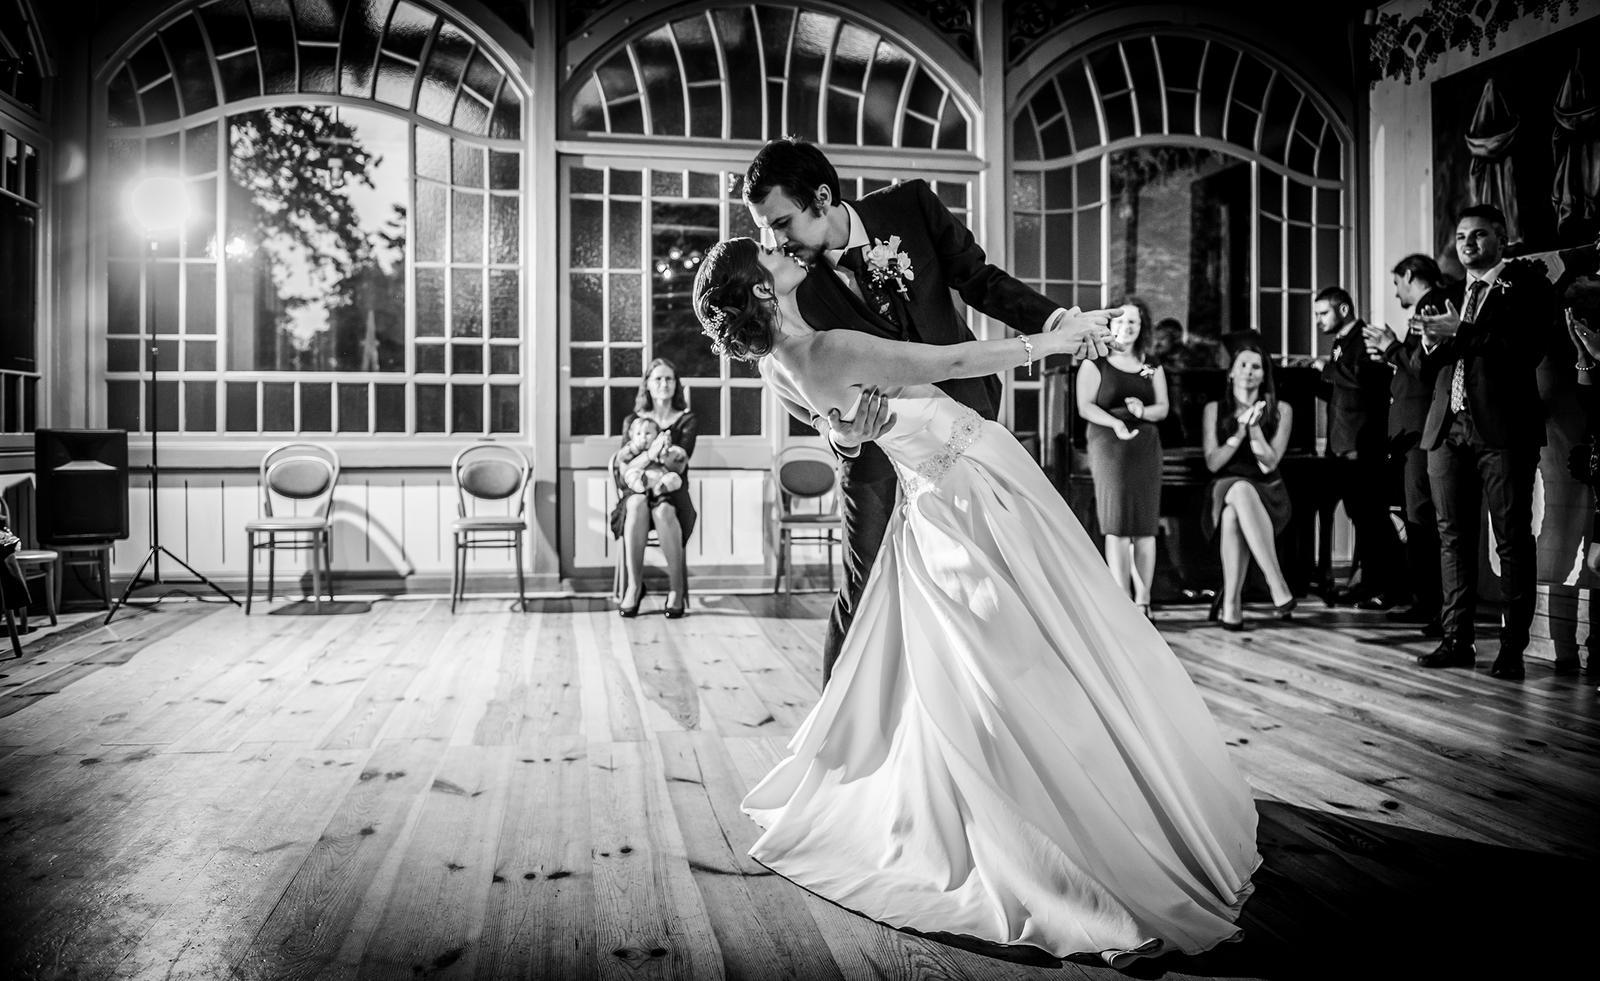 Svadba na hranicích s Polskem ♥ 15.9.2018 ♥ - Obrázok č. 2